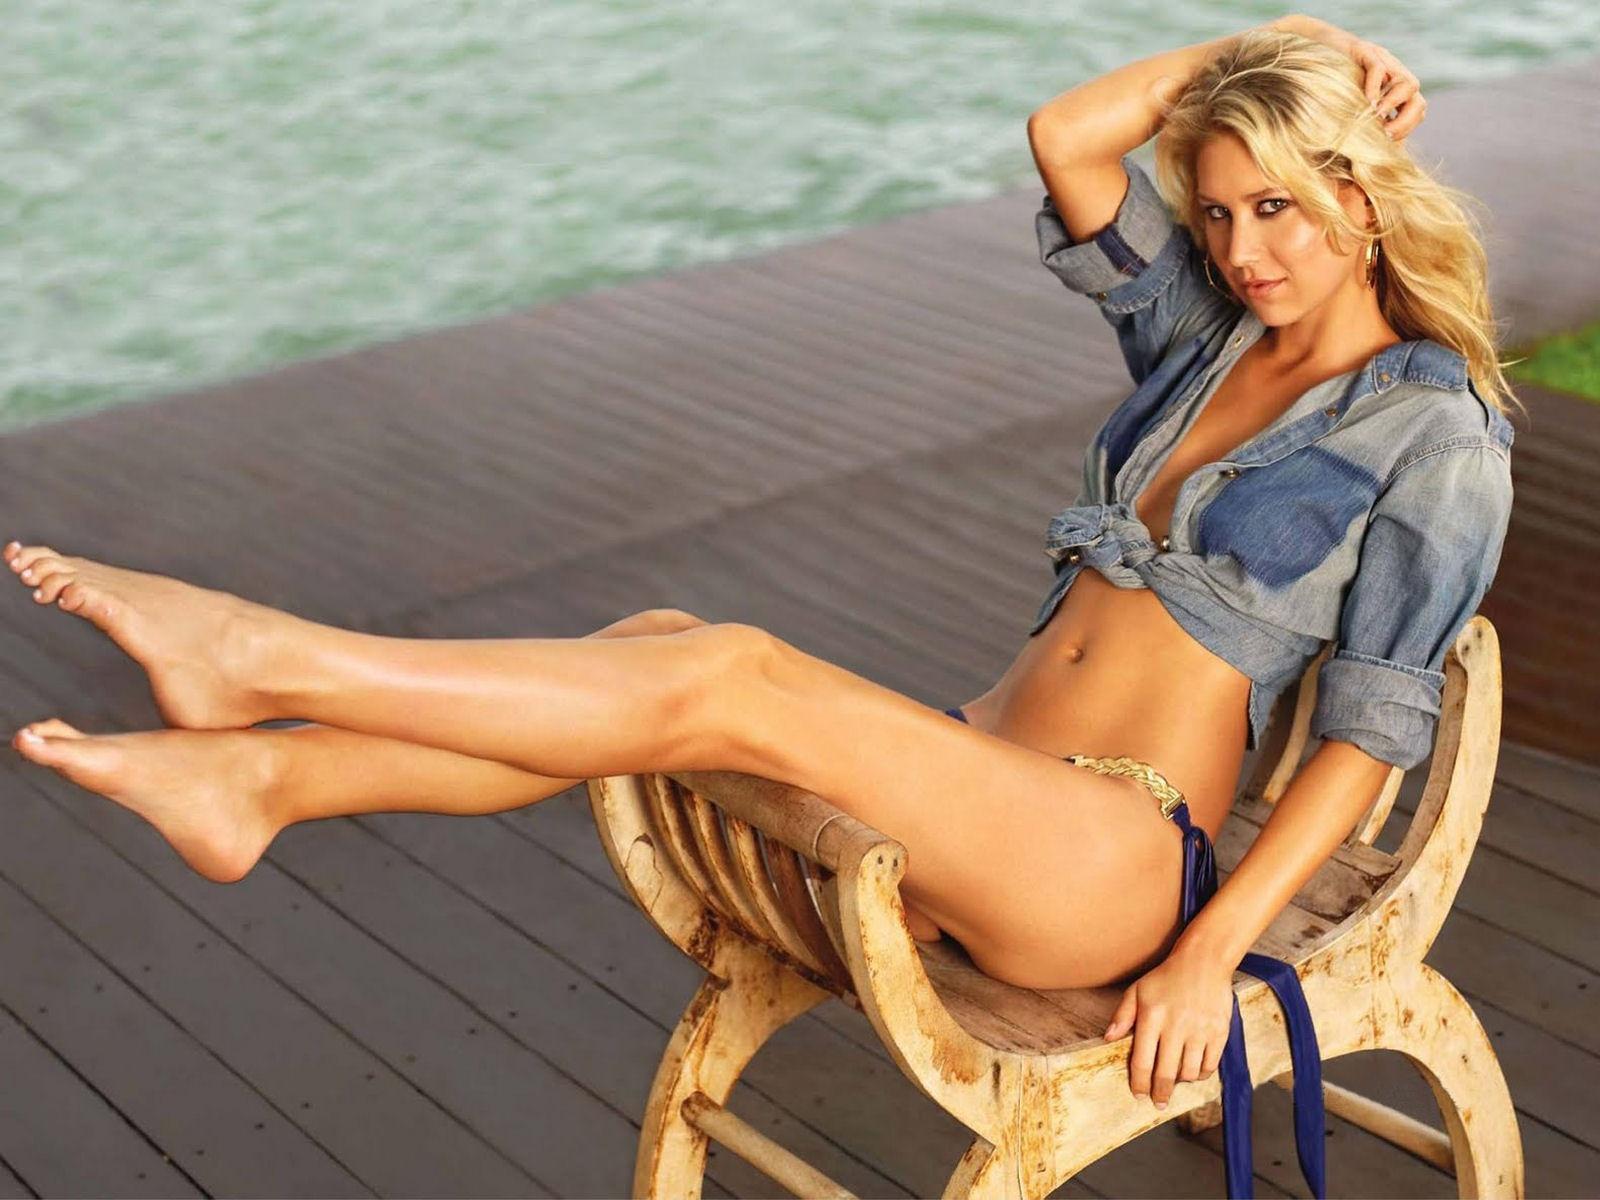 Can not anna kornikova bikini pic interesting